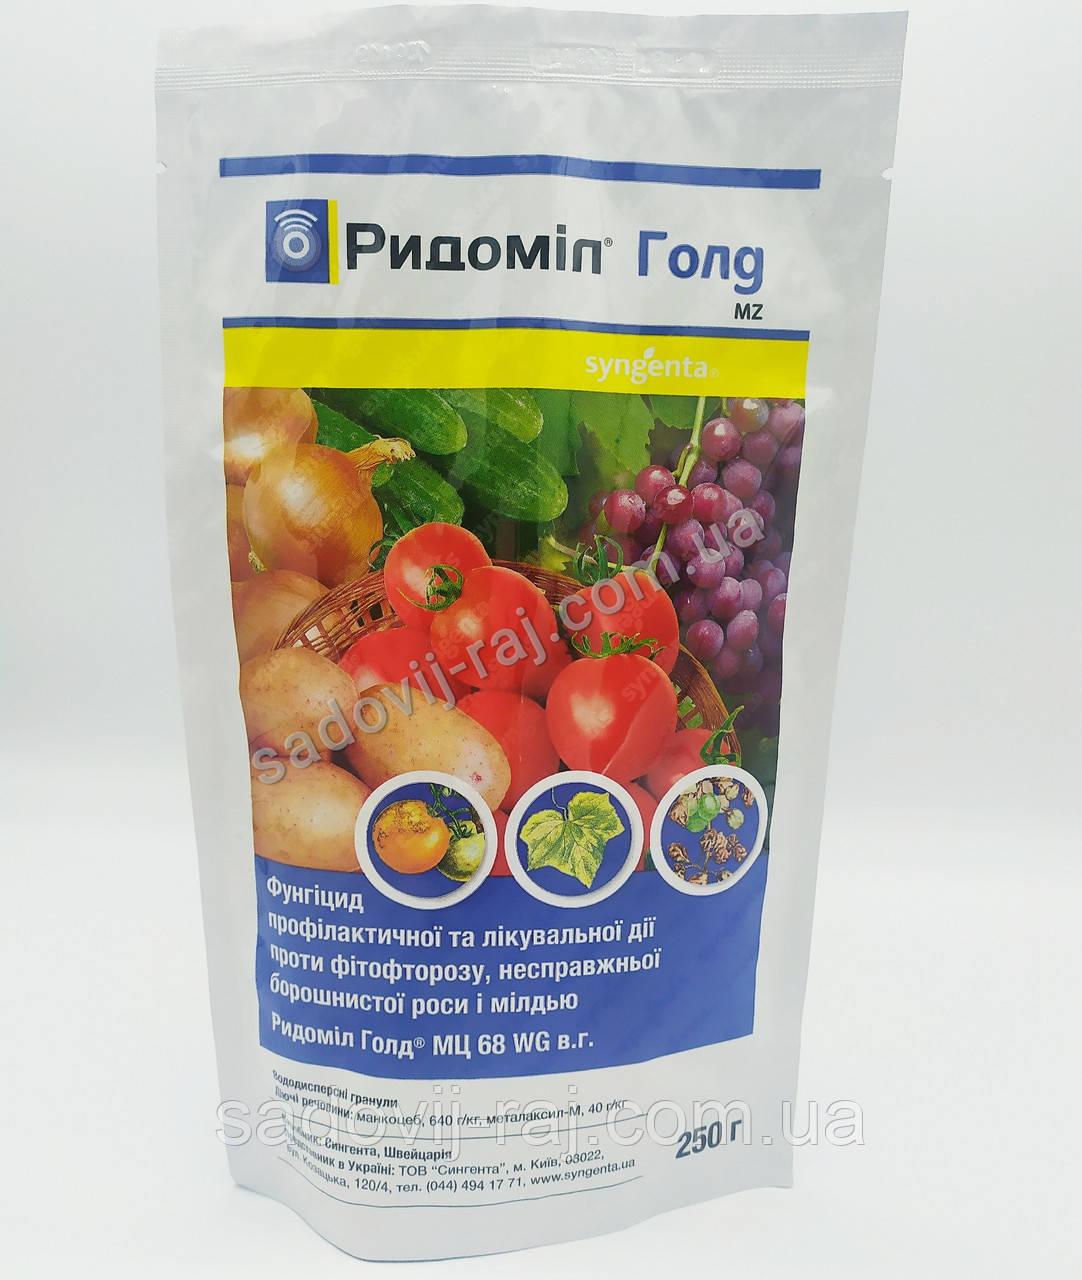 Фунгіцид Ридоміл Голд 250 г Syngenta Швейцарія для томатів, винограду, цибулі, огірків, картоплі